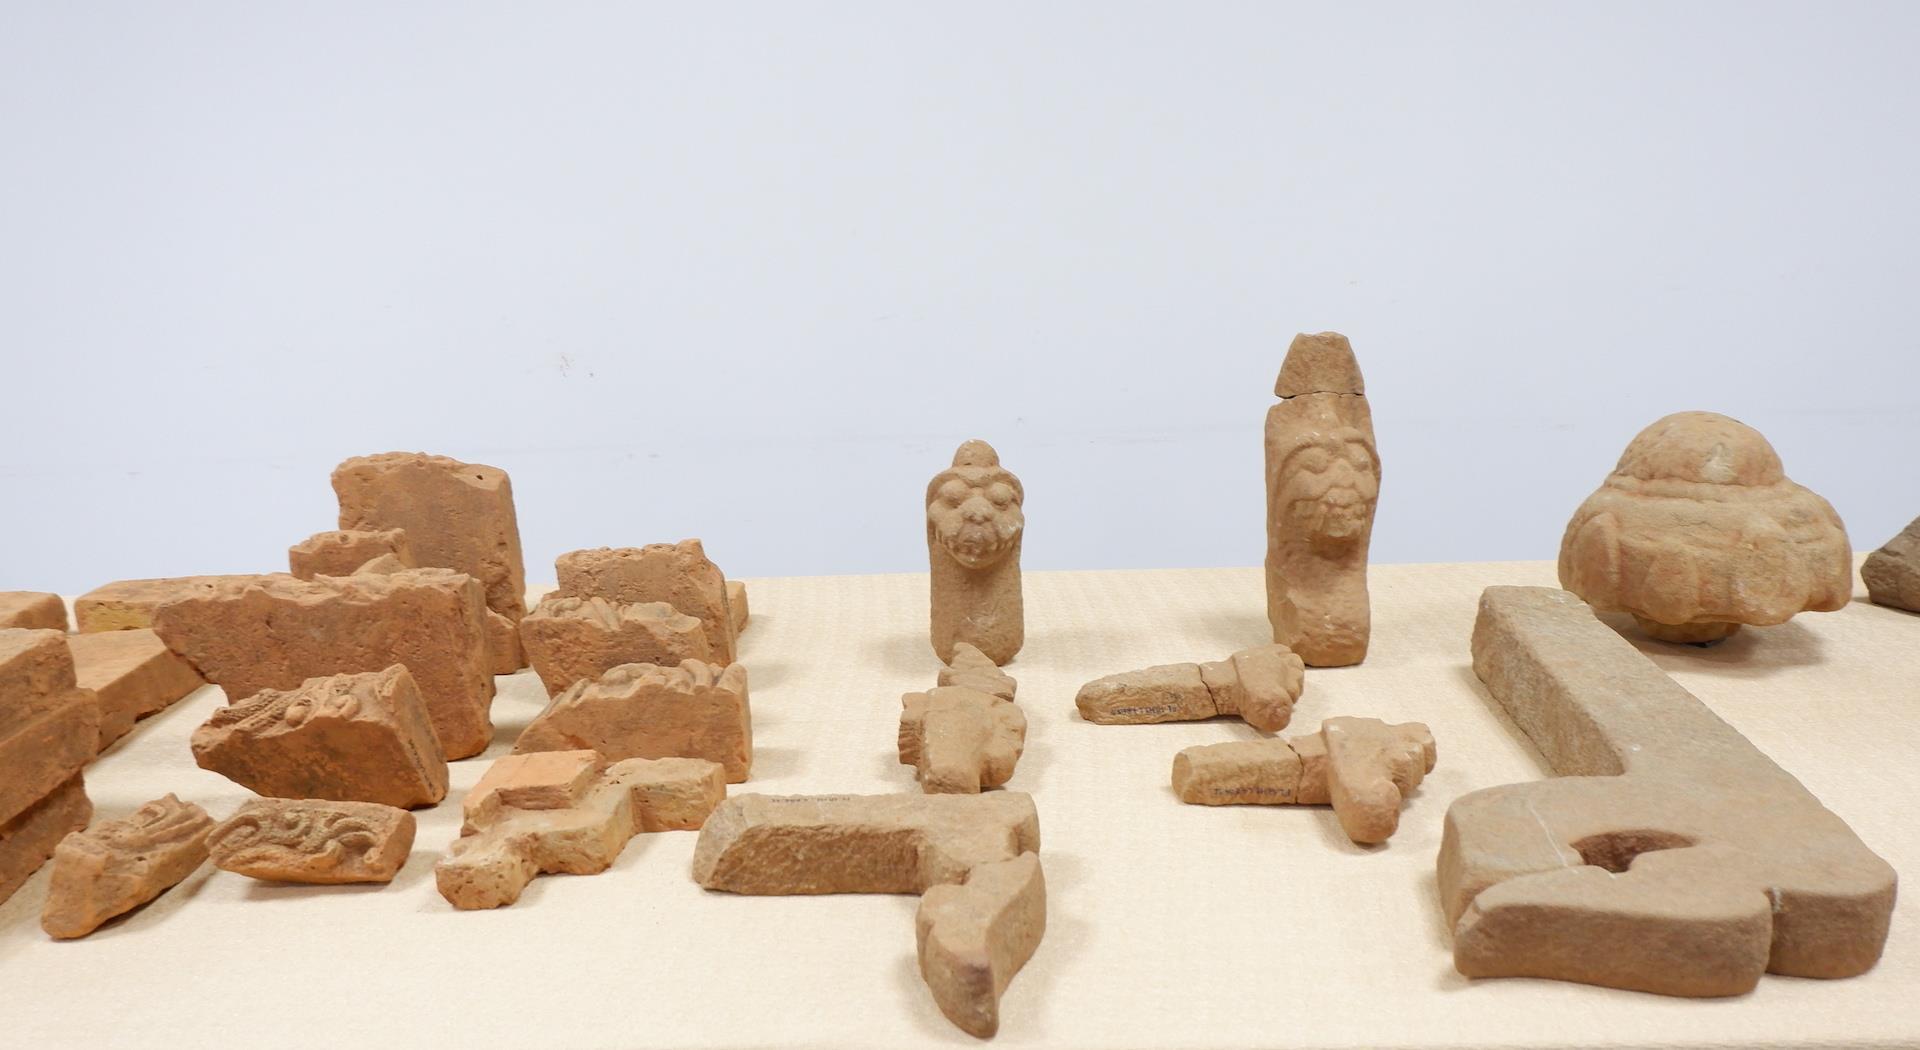 Phát hiện nhiều hiện vật giá trị tại Di tích Chăm Phong Lệ, Đà Nẵng